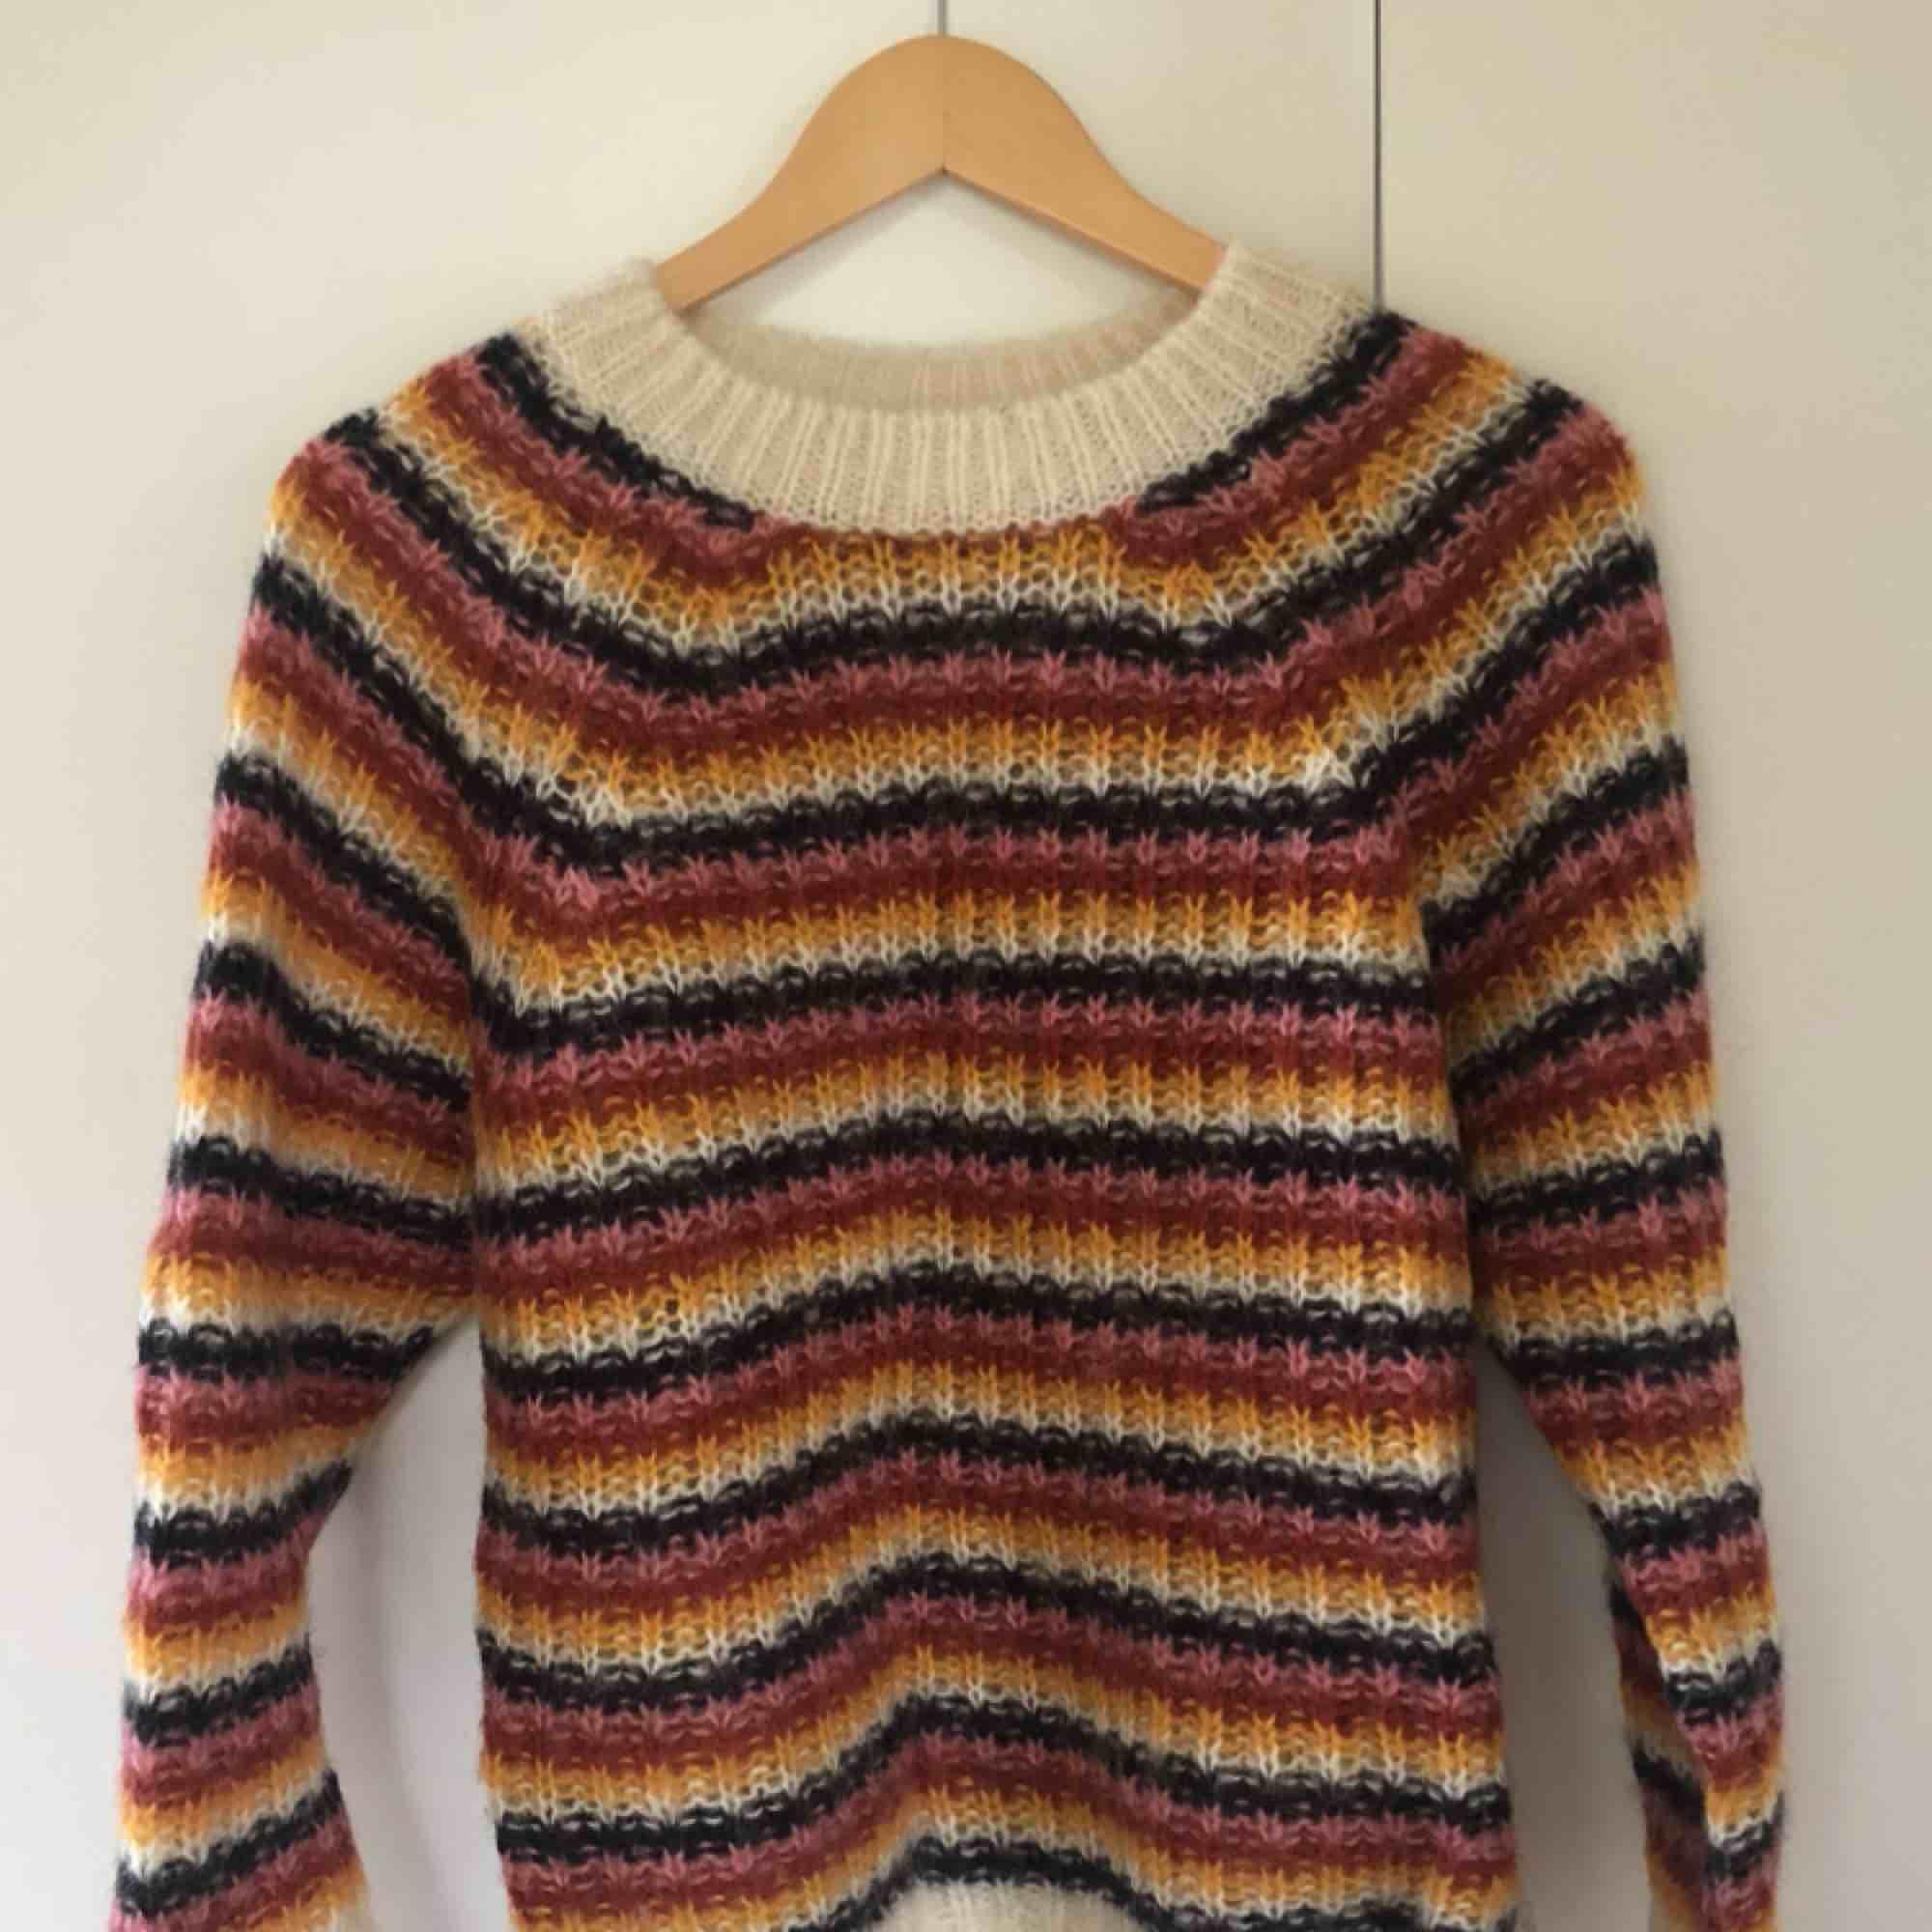 Jättefin stickad tröja från & Other Stories. Nypris runt 800 kr. Storlek XS. Köparen står för frakt. Stickat.